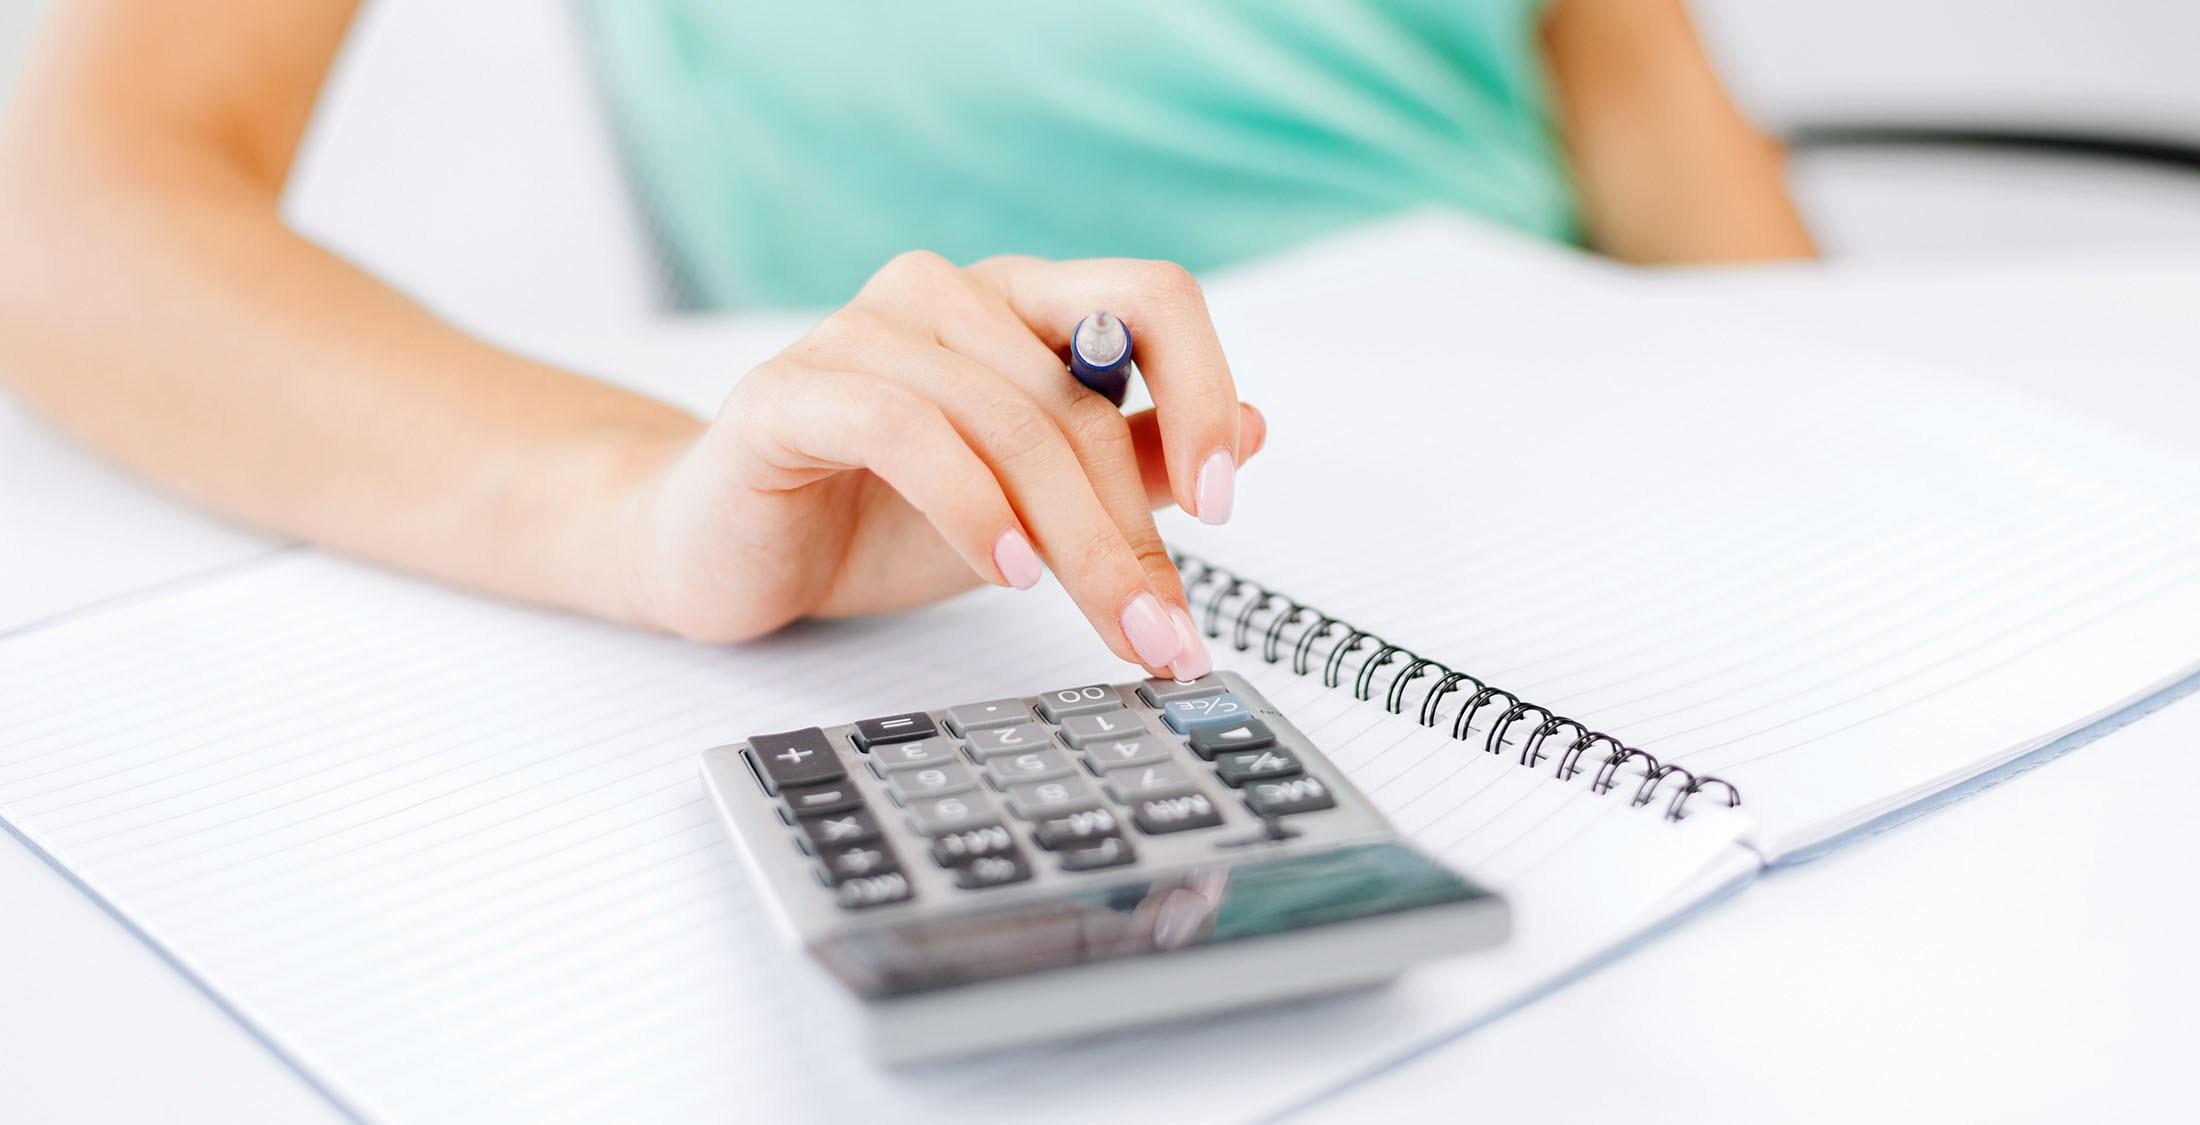 За что можно получить налоговый вычет: список ситуаций, когда он предусмотрен